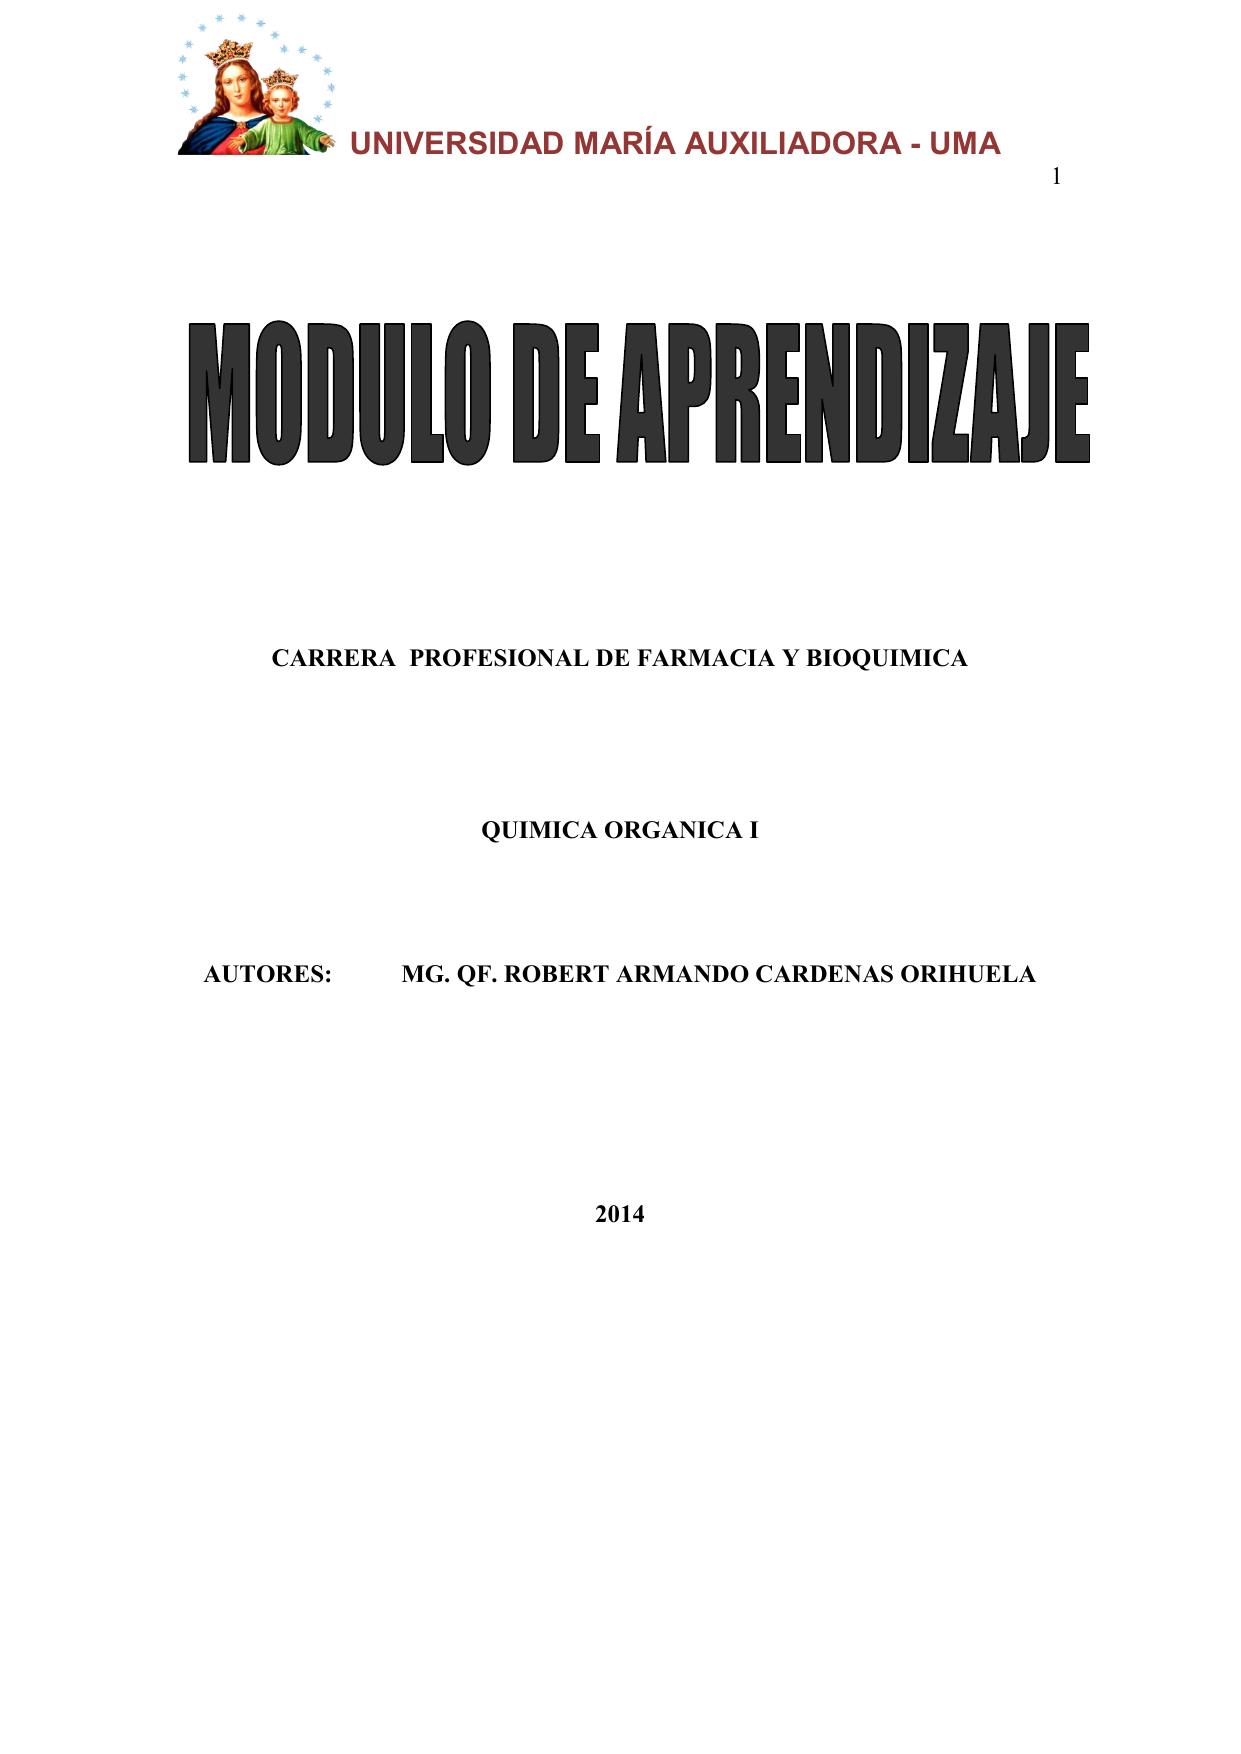 Modulo Química Orgánica I Uma 2014 03 De Marzo 1